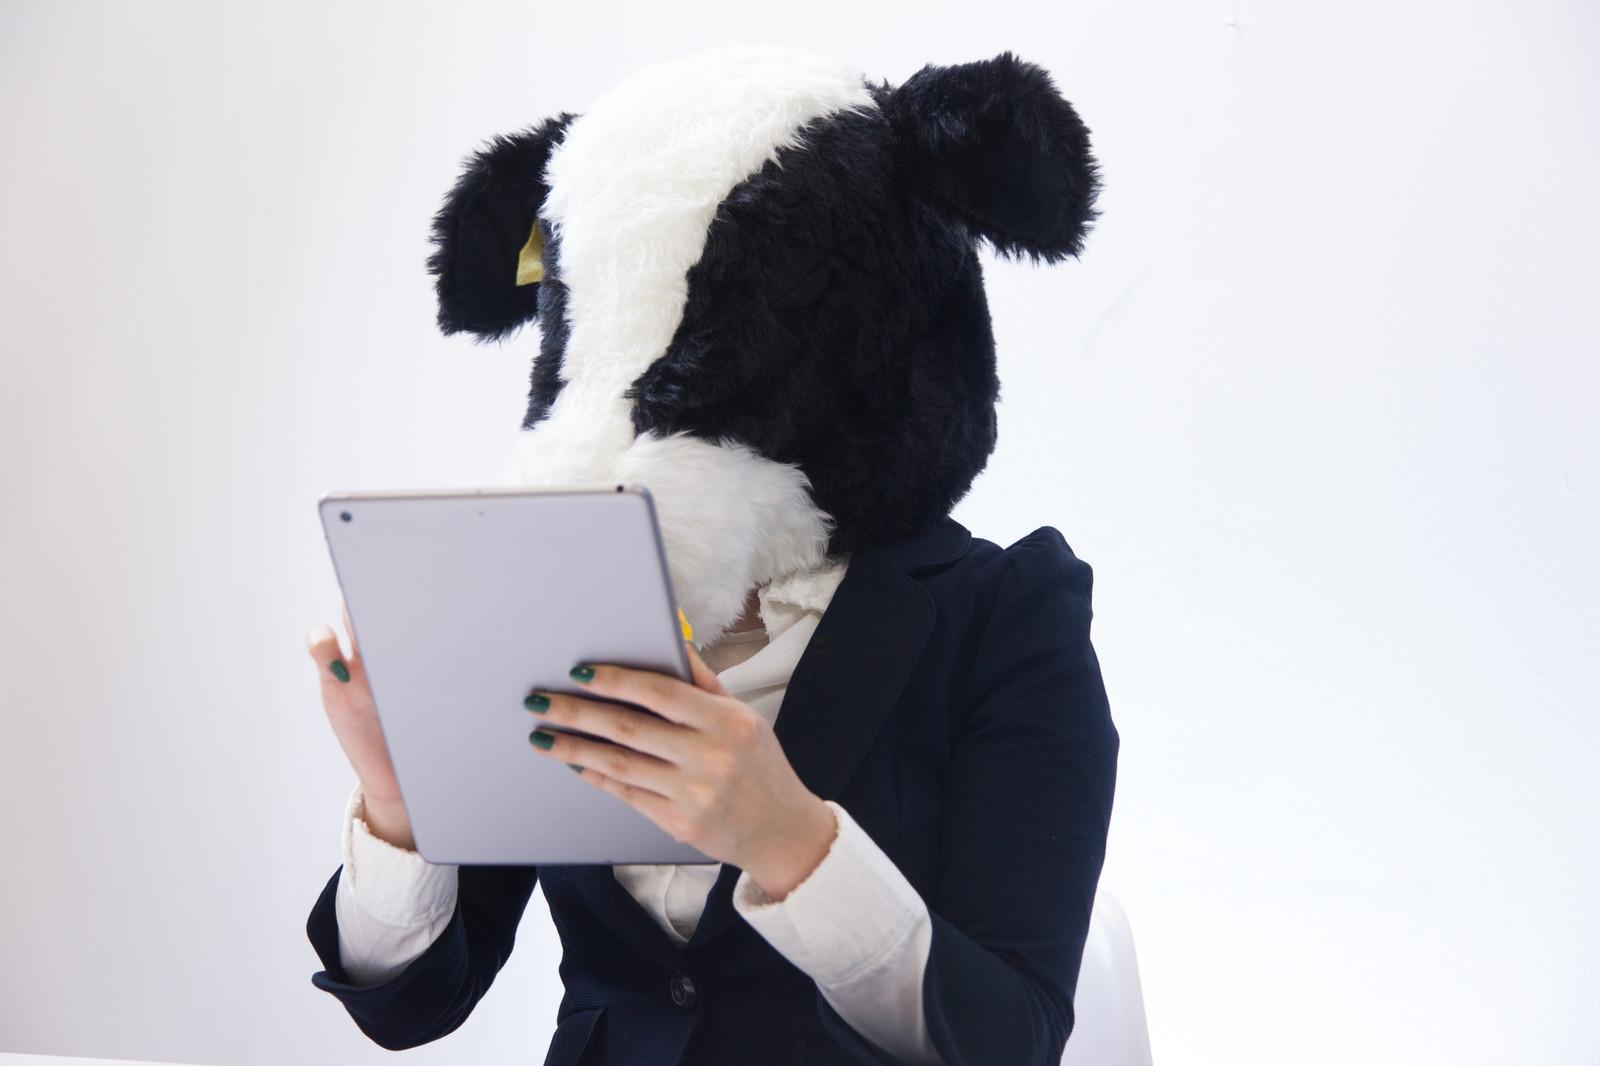 「スキャンした冊数をタブレットで確認する牛さんスキャンした冊数をタブレットで確認する牛さん」[モデル:古性のっち]のフリー写真素材を拡大